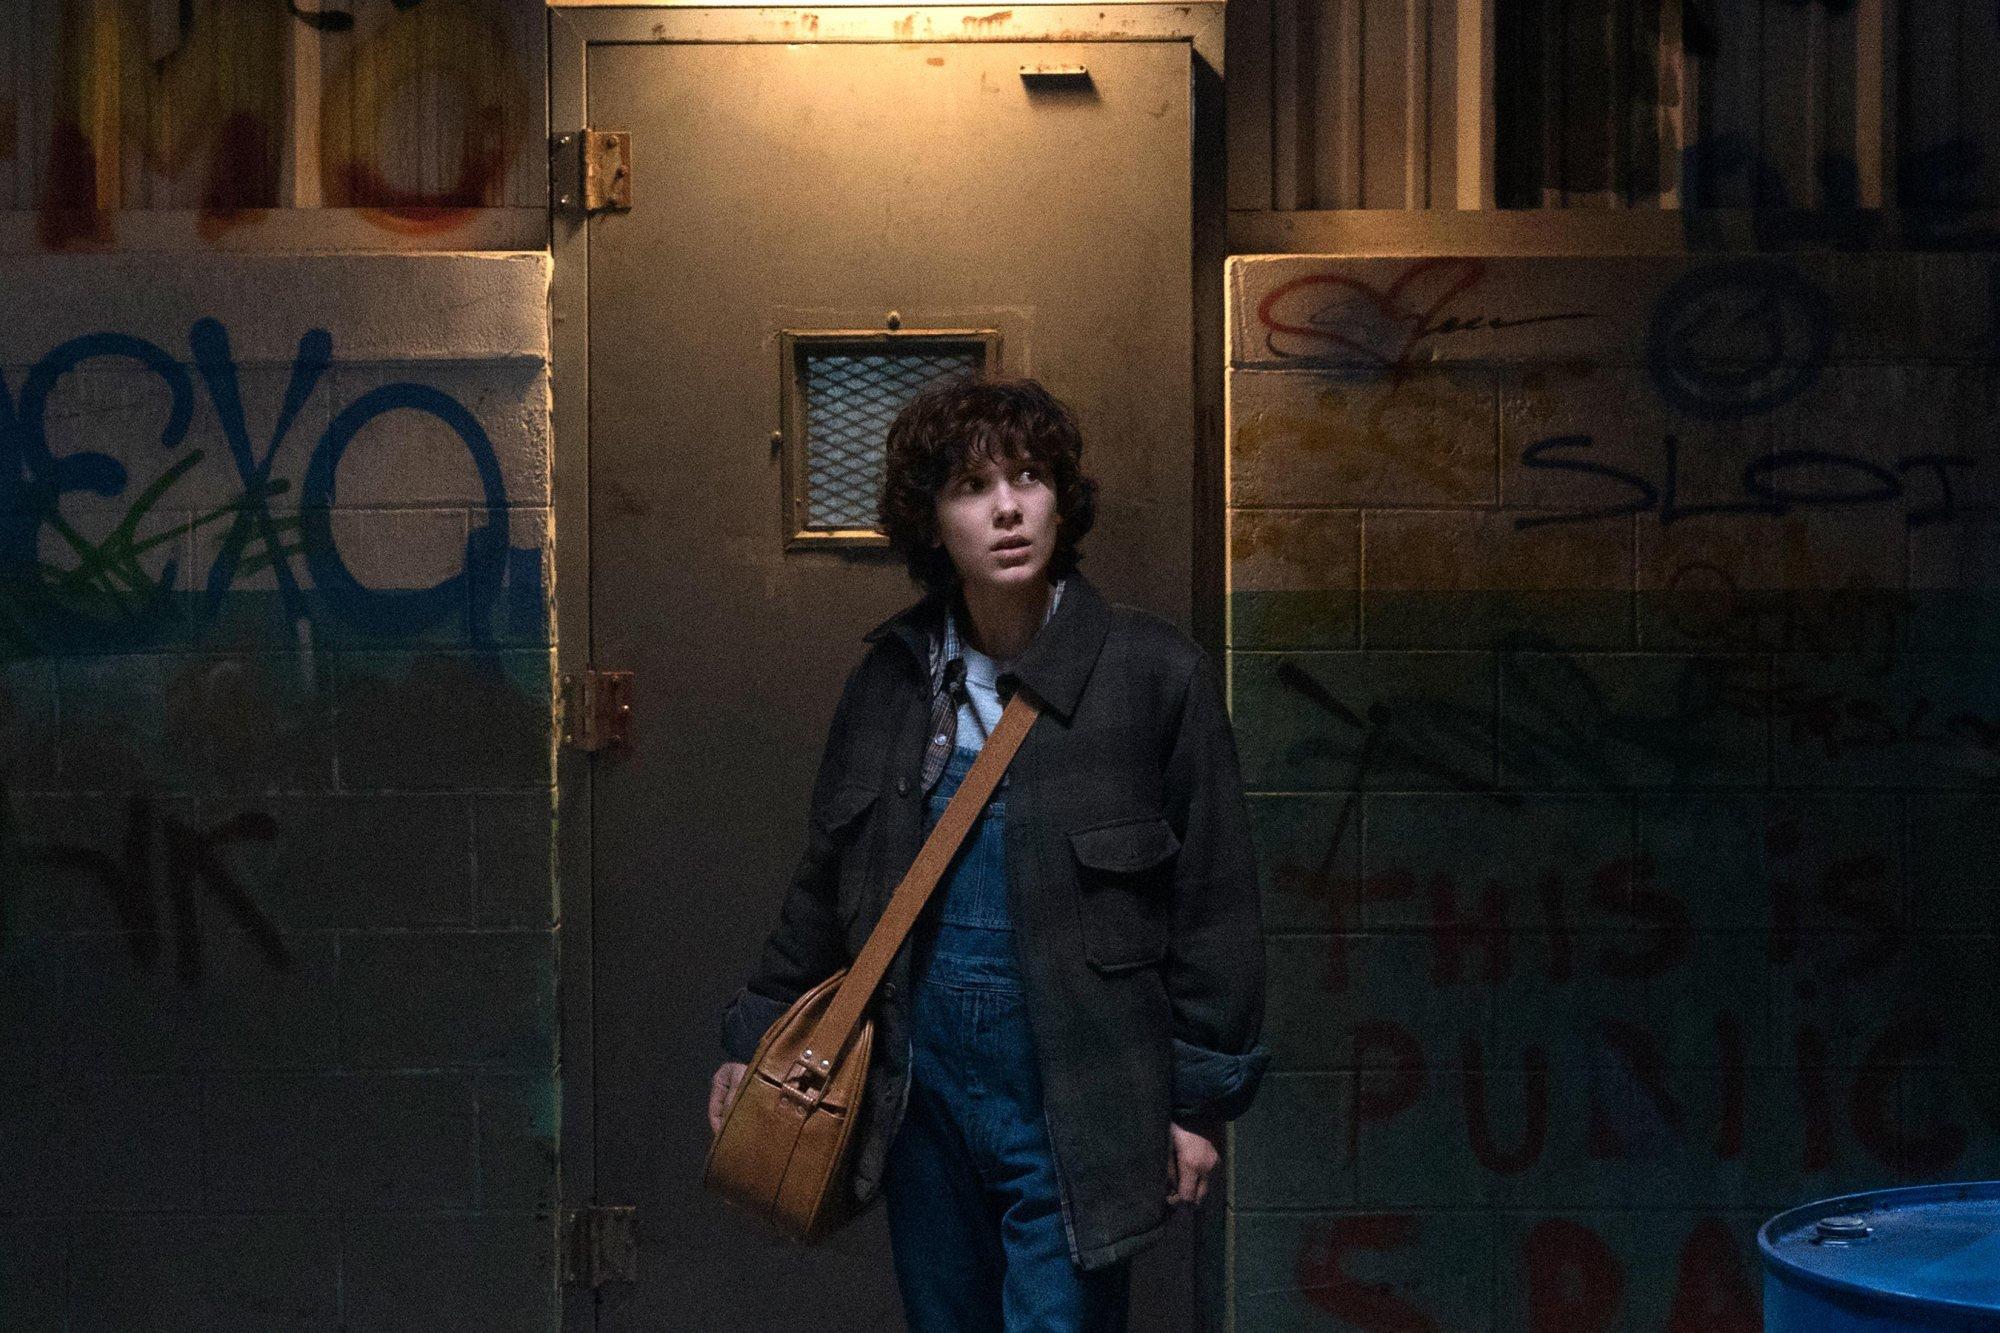 Лучшие сериалы 2017 — Очень странные дела 2 Stranger Things 2 — Итоги 2017